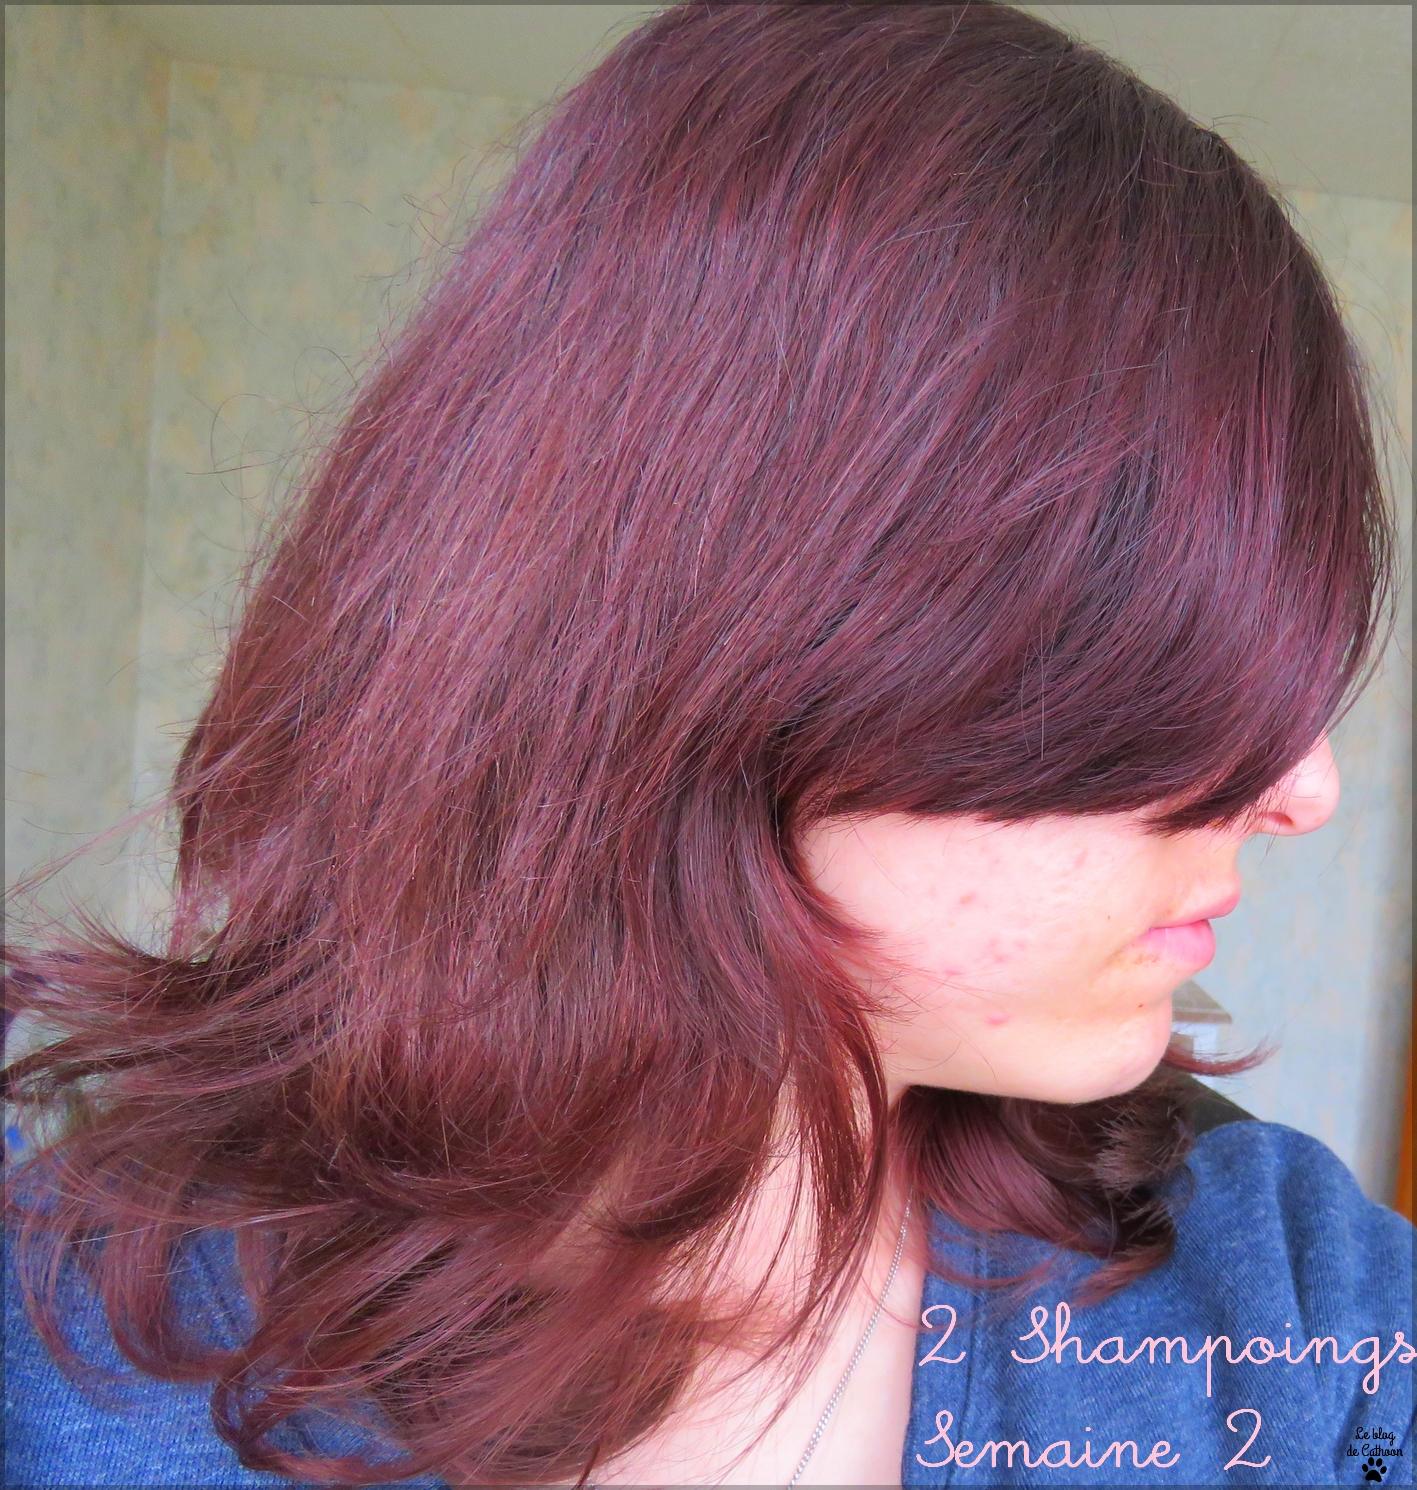 Colorista Washout L'Oréal #redhair